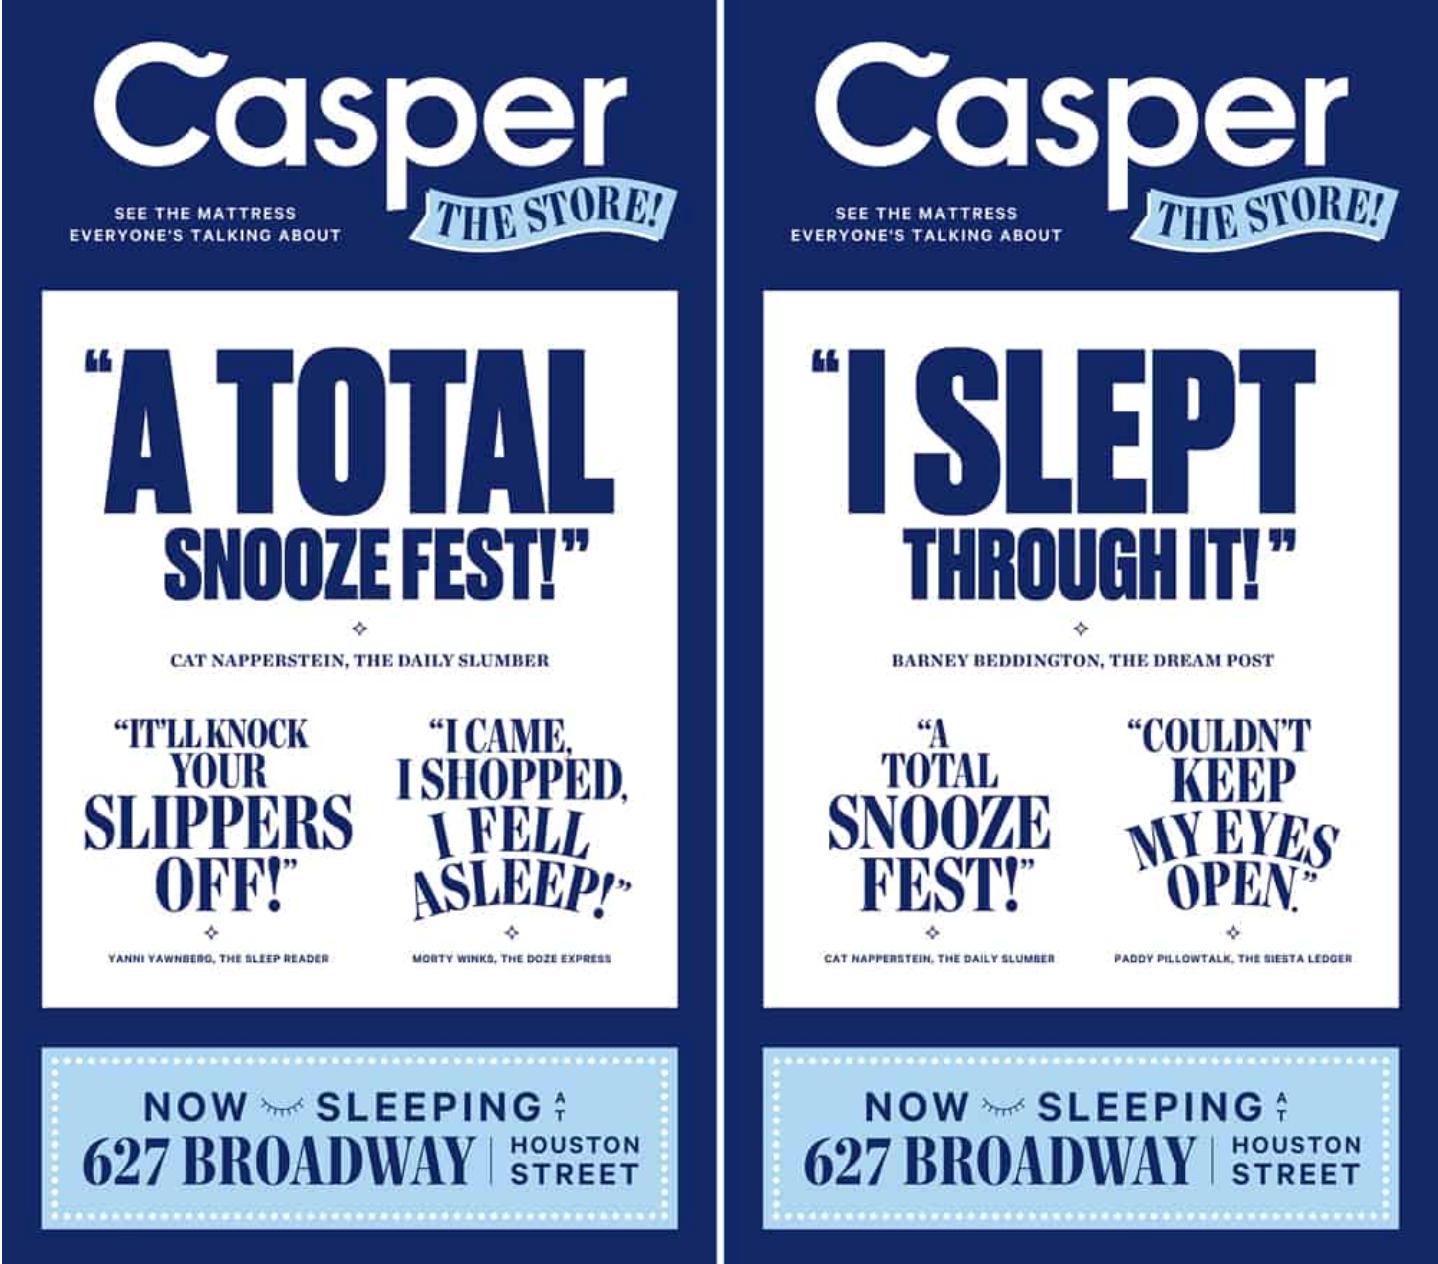 Casper Sales Process